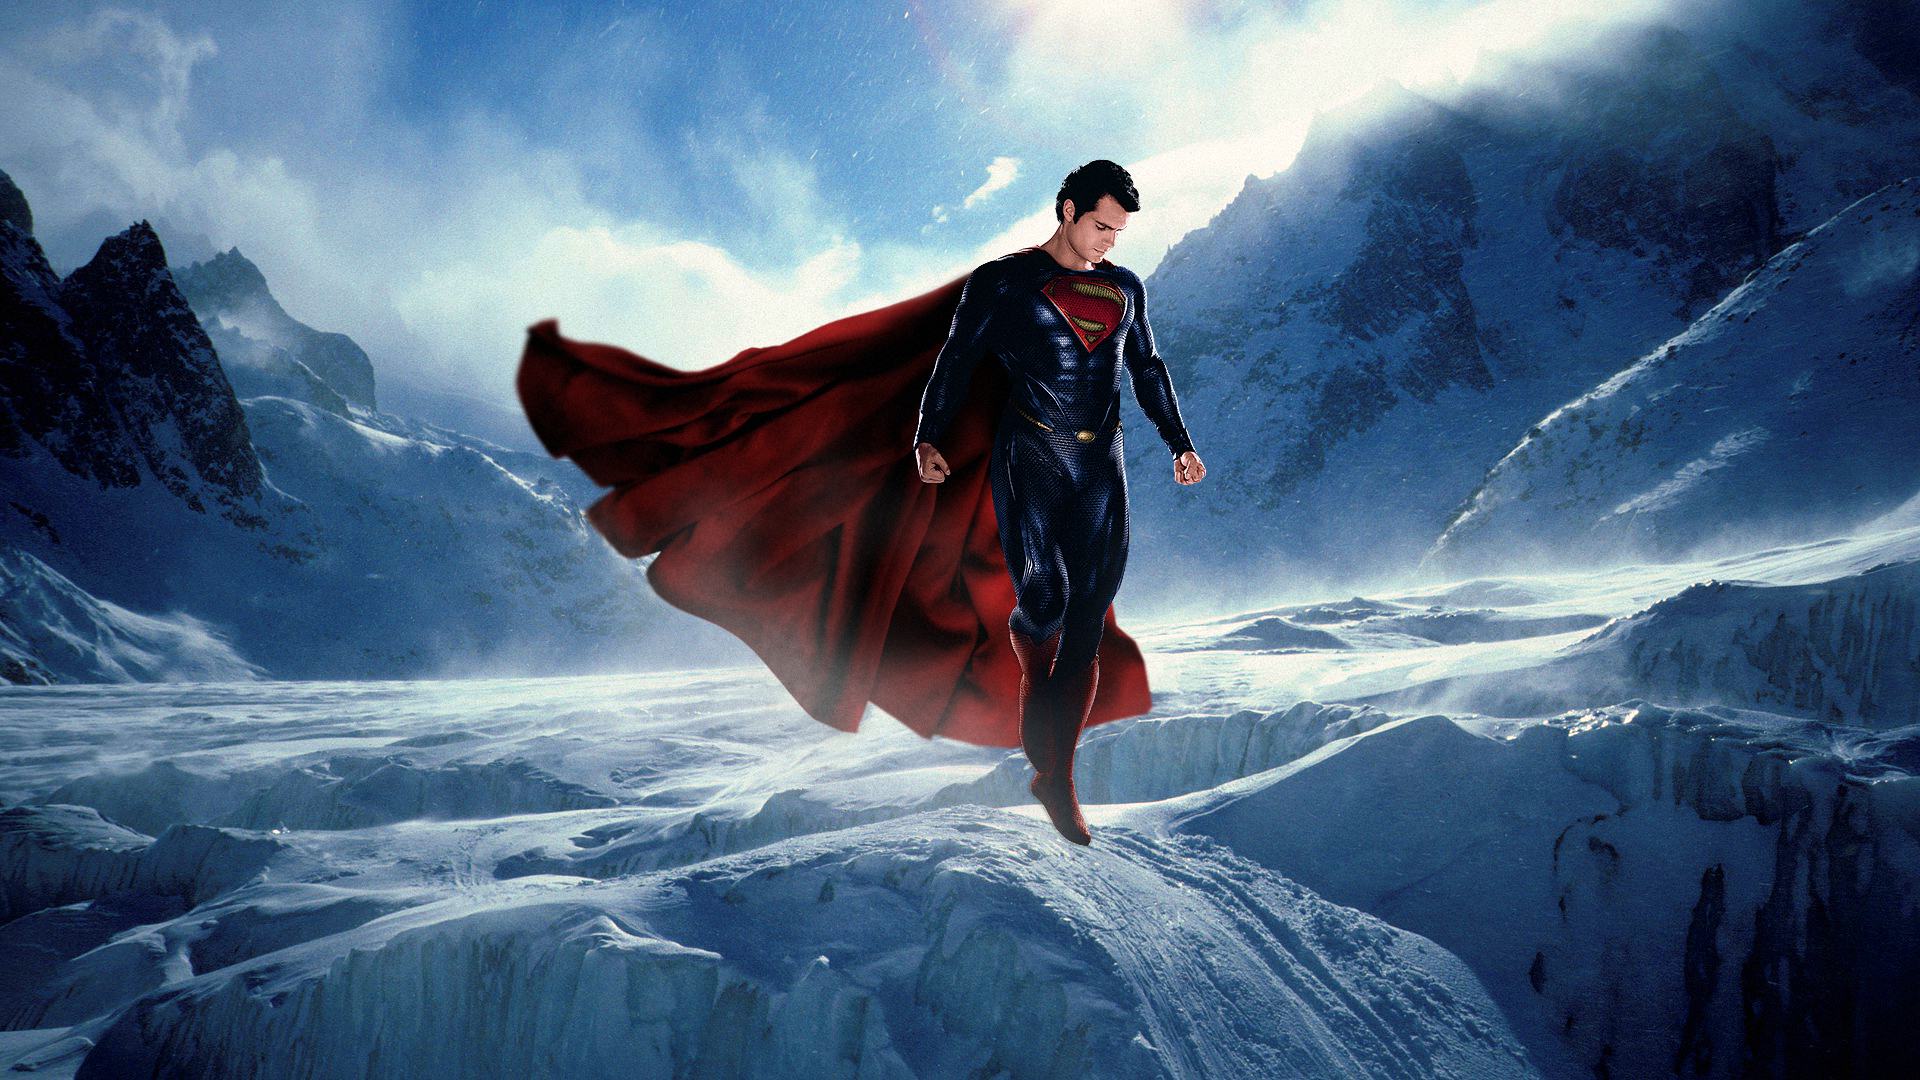 Free Full Screen Wallpaper Superman - WallpaperSafari